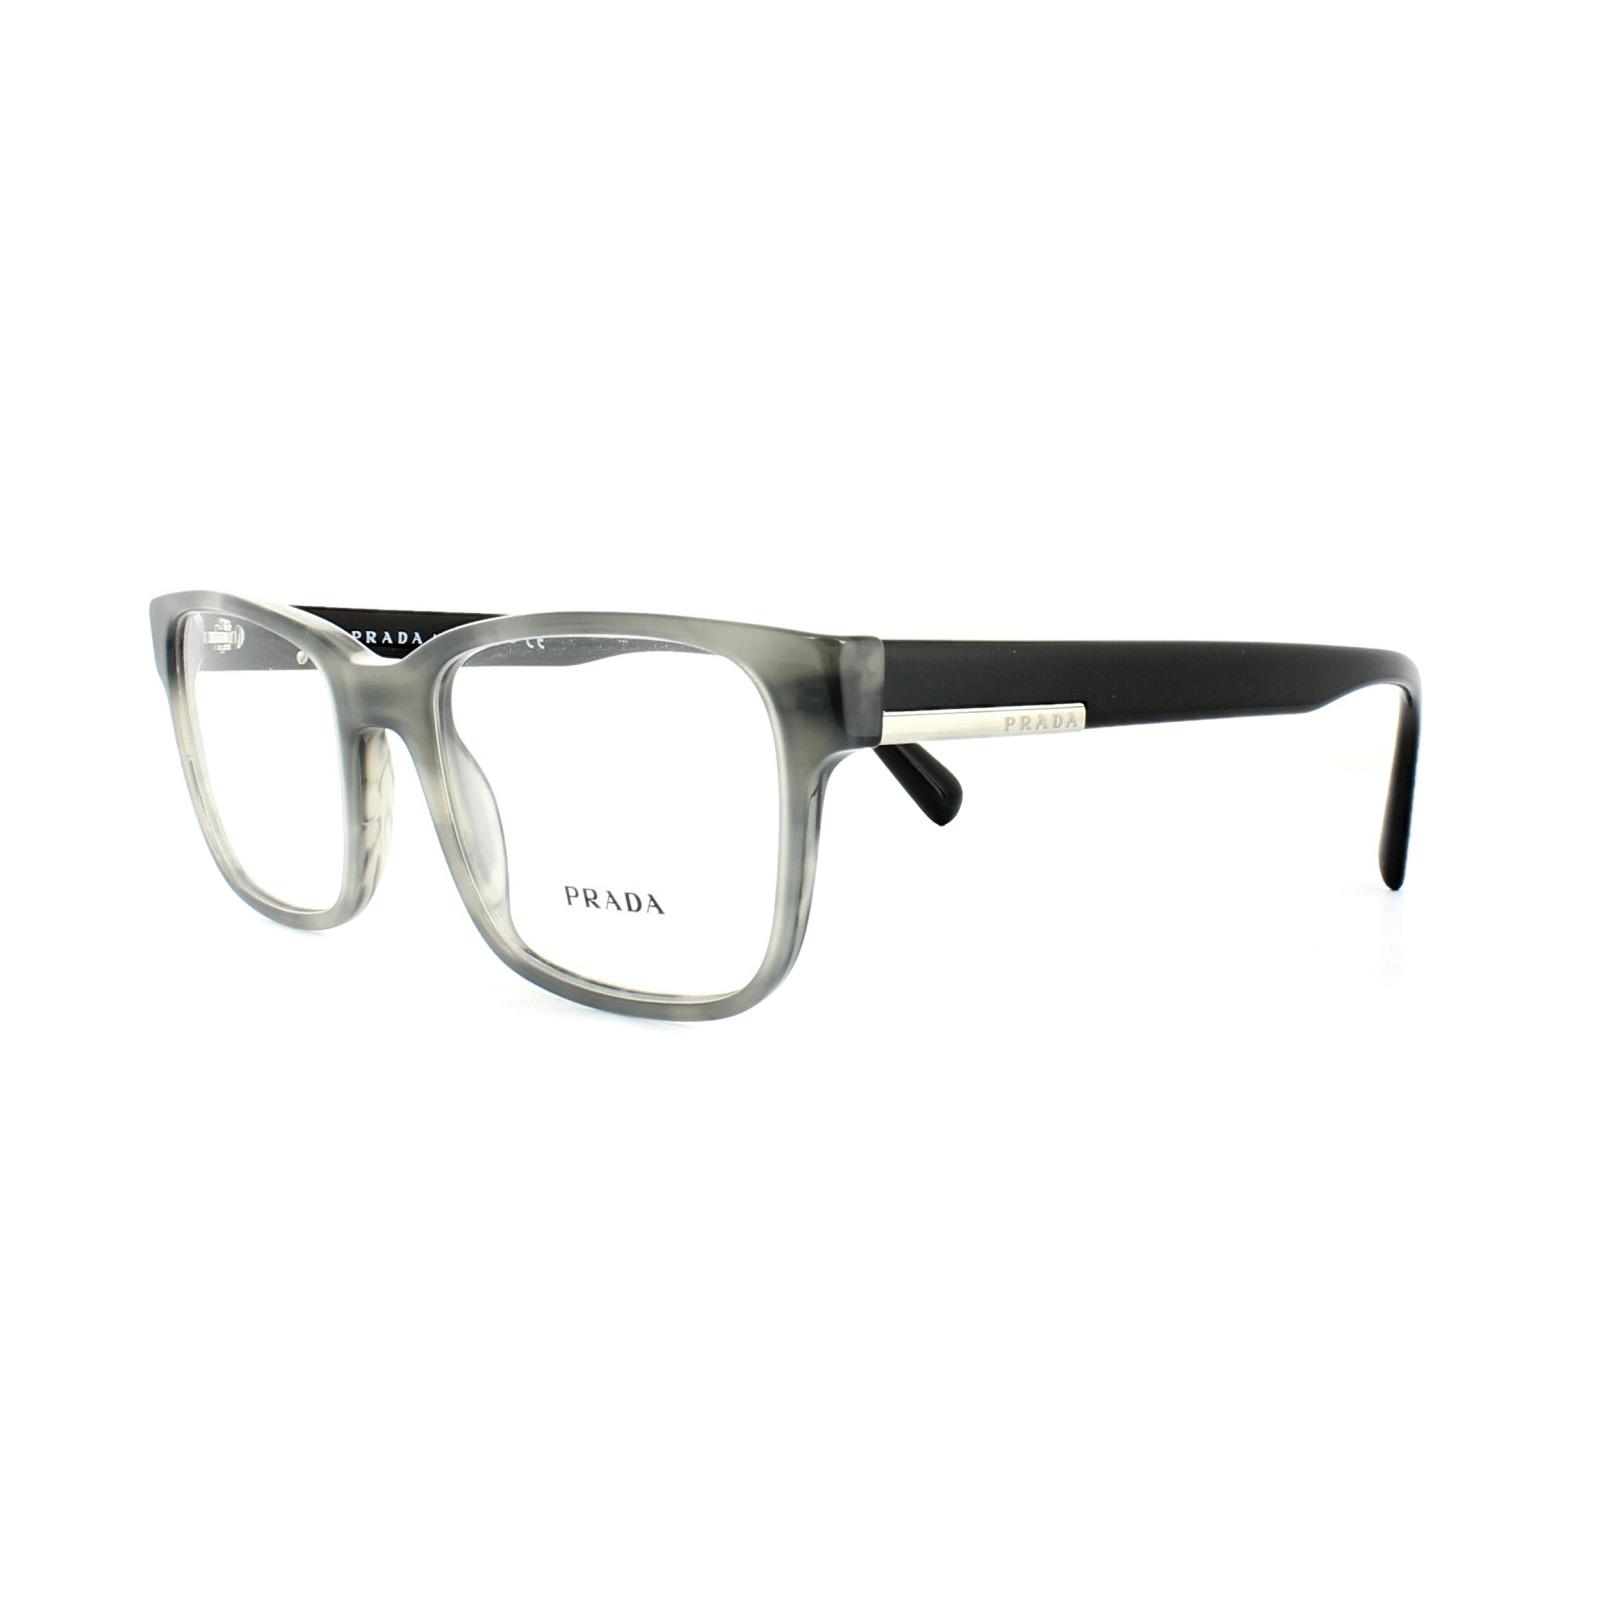 Prada Glasses Frames PR 06UV VYR1O1 Striped Black Mens 52mm ...